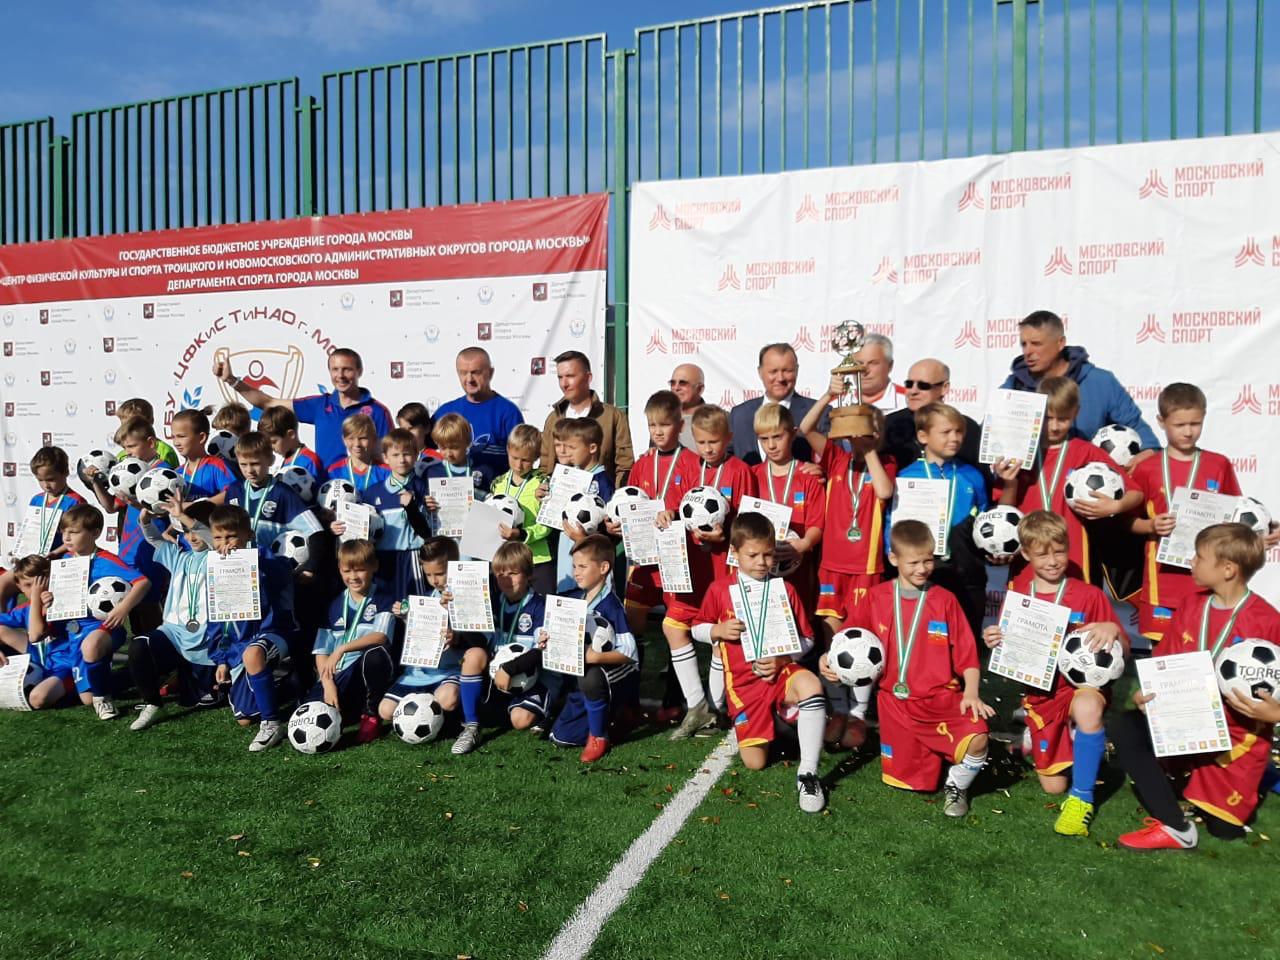 Футболисты из Десеновского завоевали кубок префекта ТиНАО